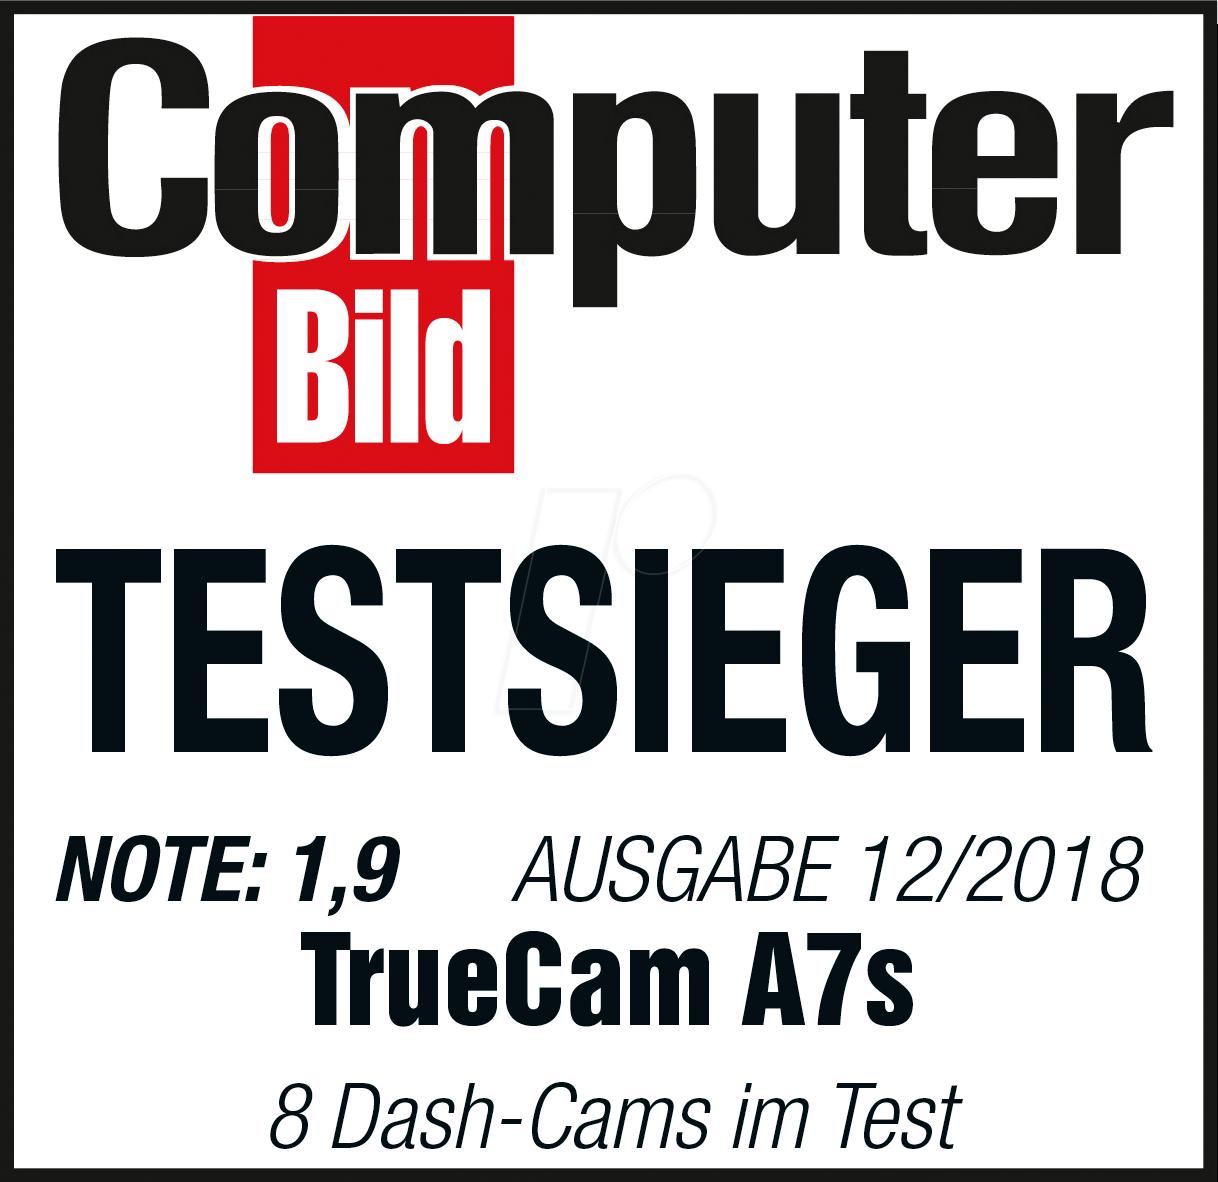 https://cdn-reichelt.de/bilder/web/xxl_ws/R600/TRUECAM_TESTSIEGERCB122018.png